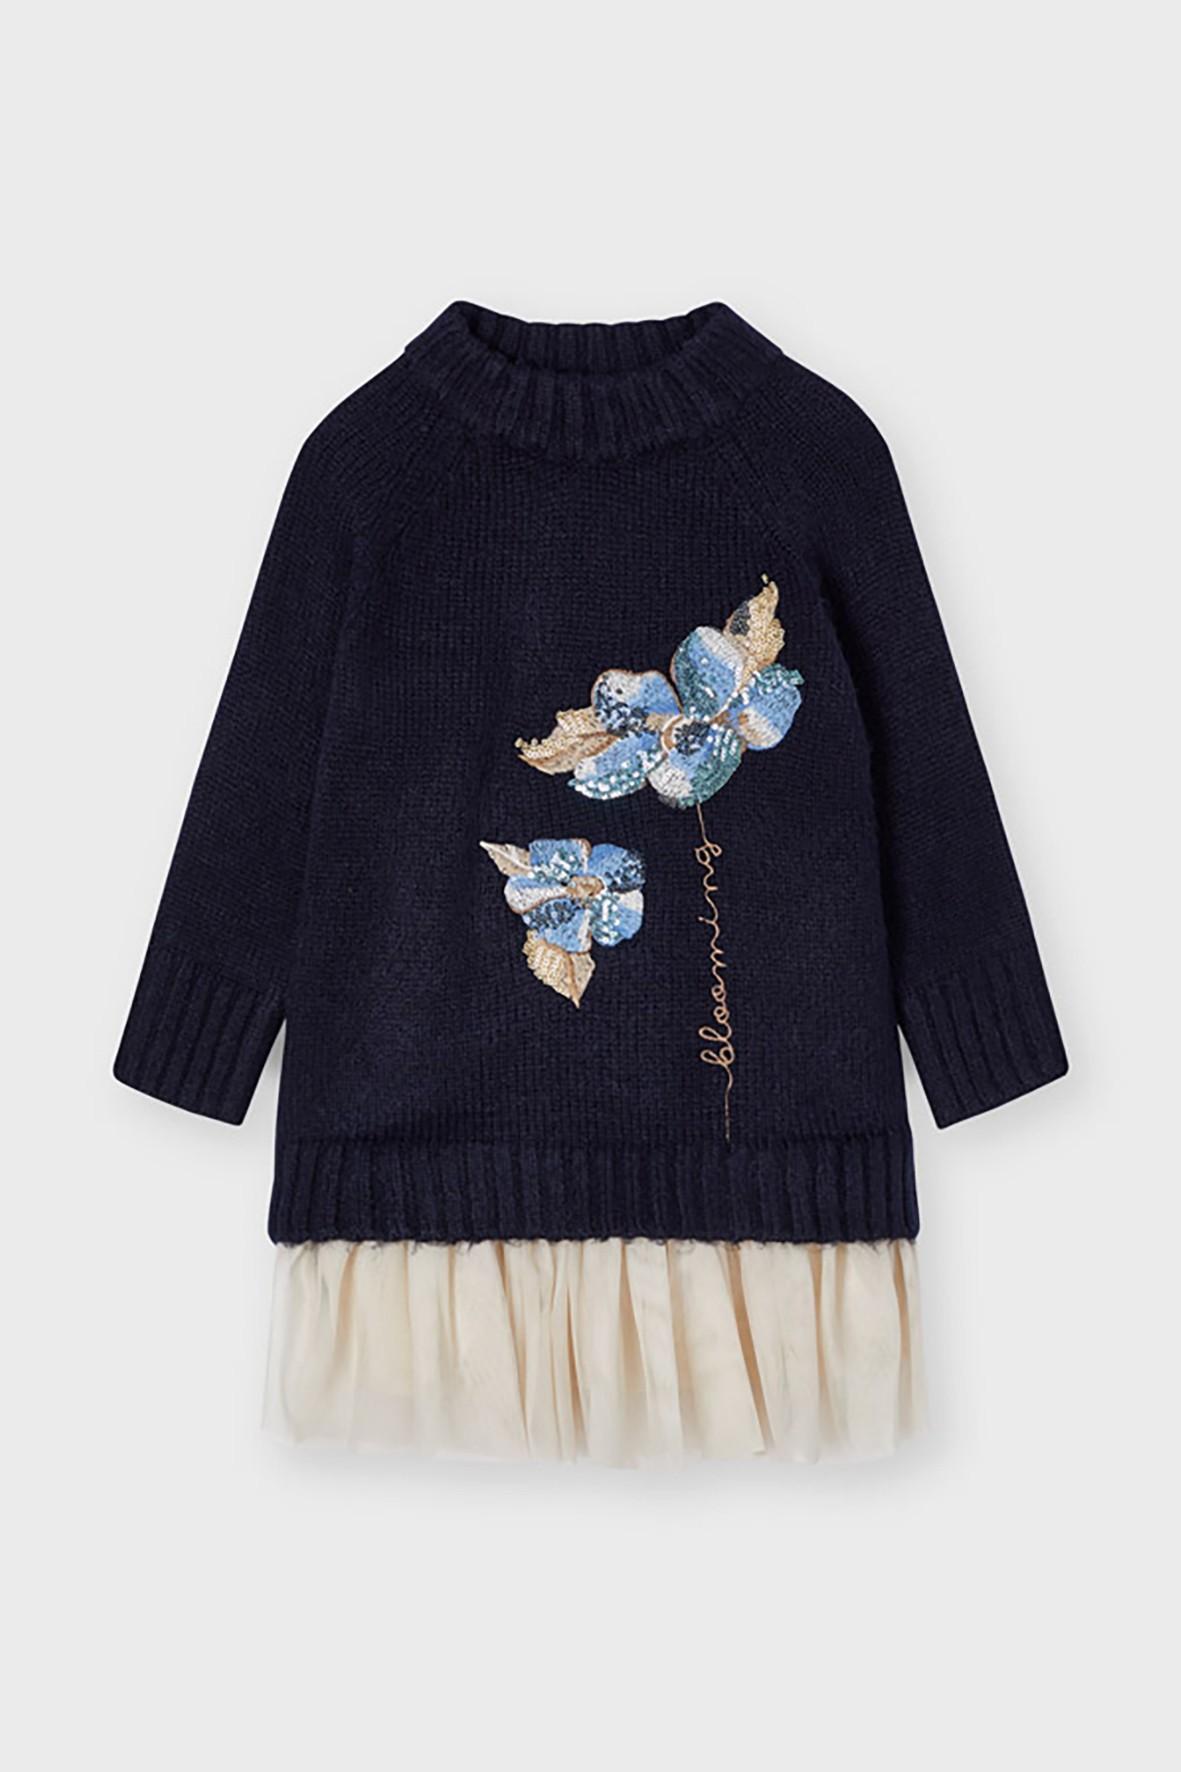 Komplet dziewczęcy - sukienka + granatowy  sweter  z nadrukiem